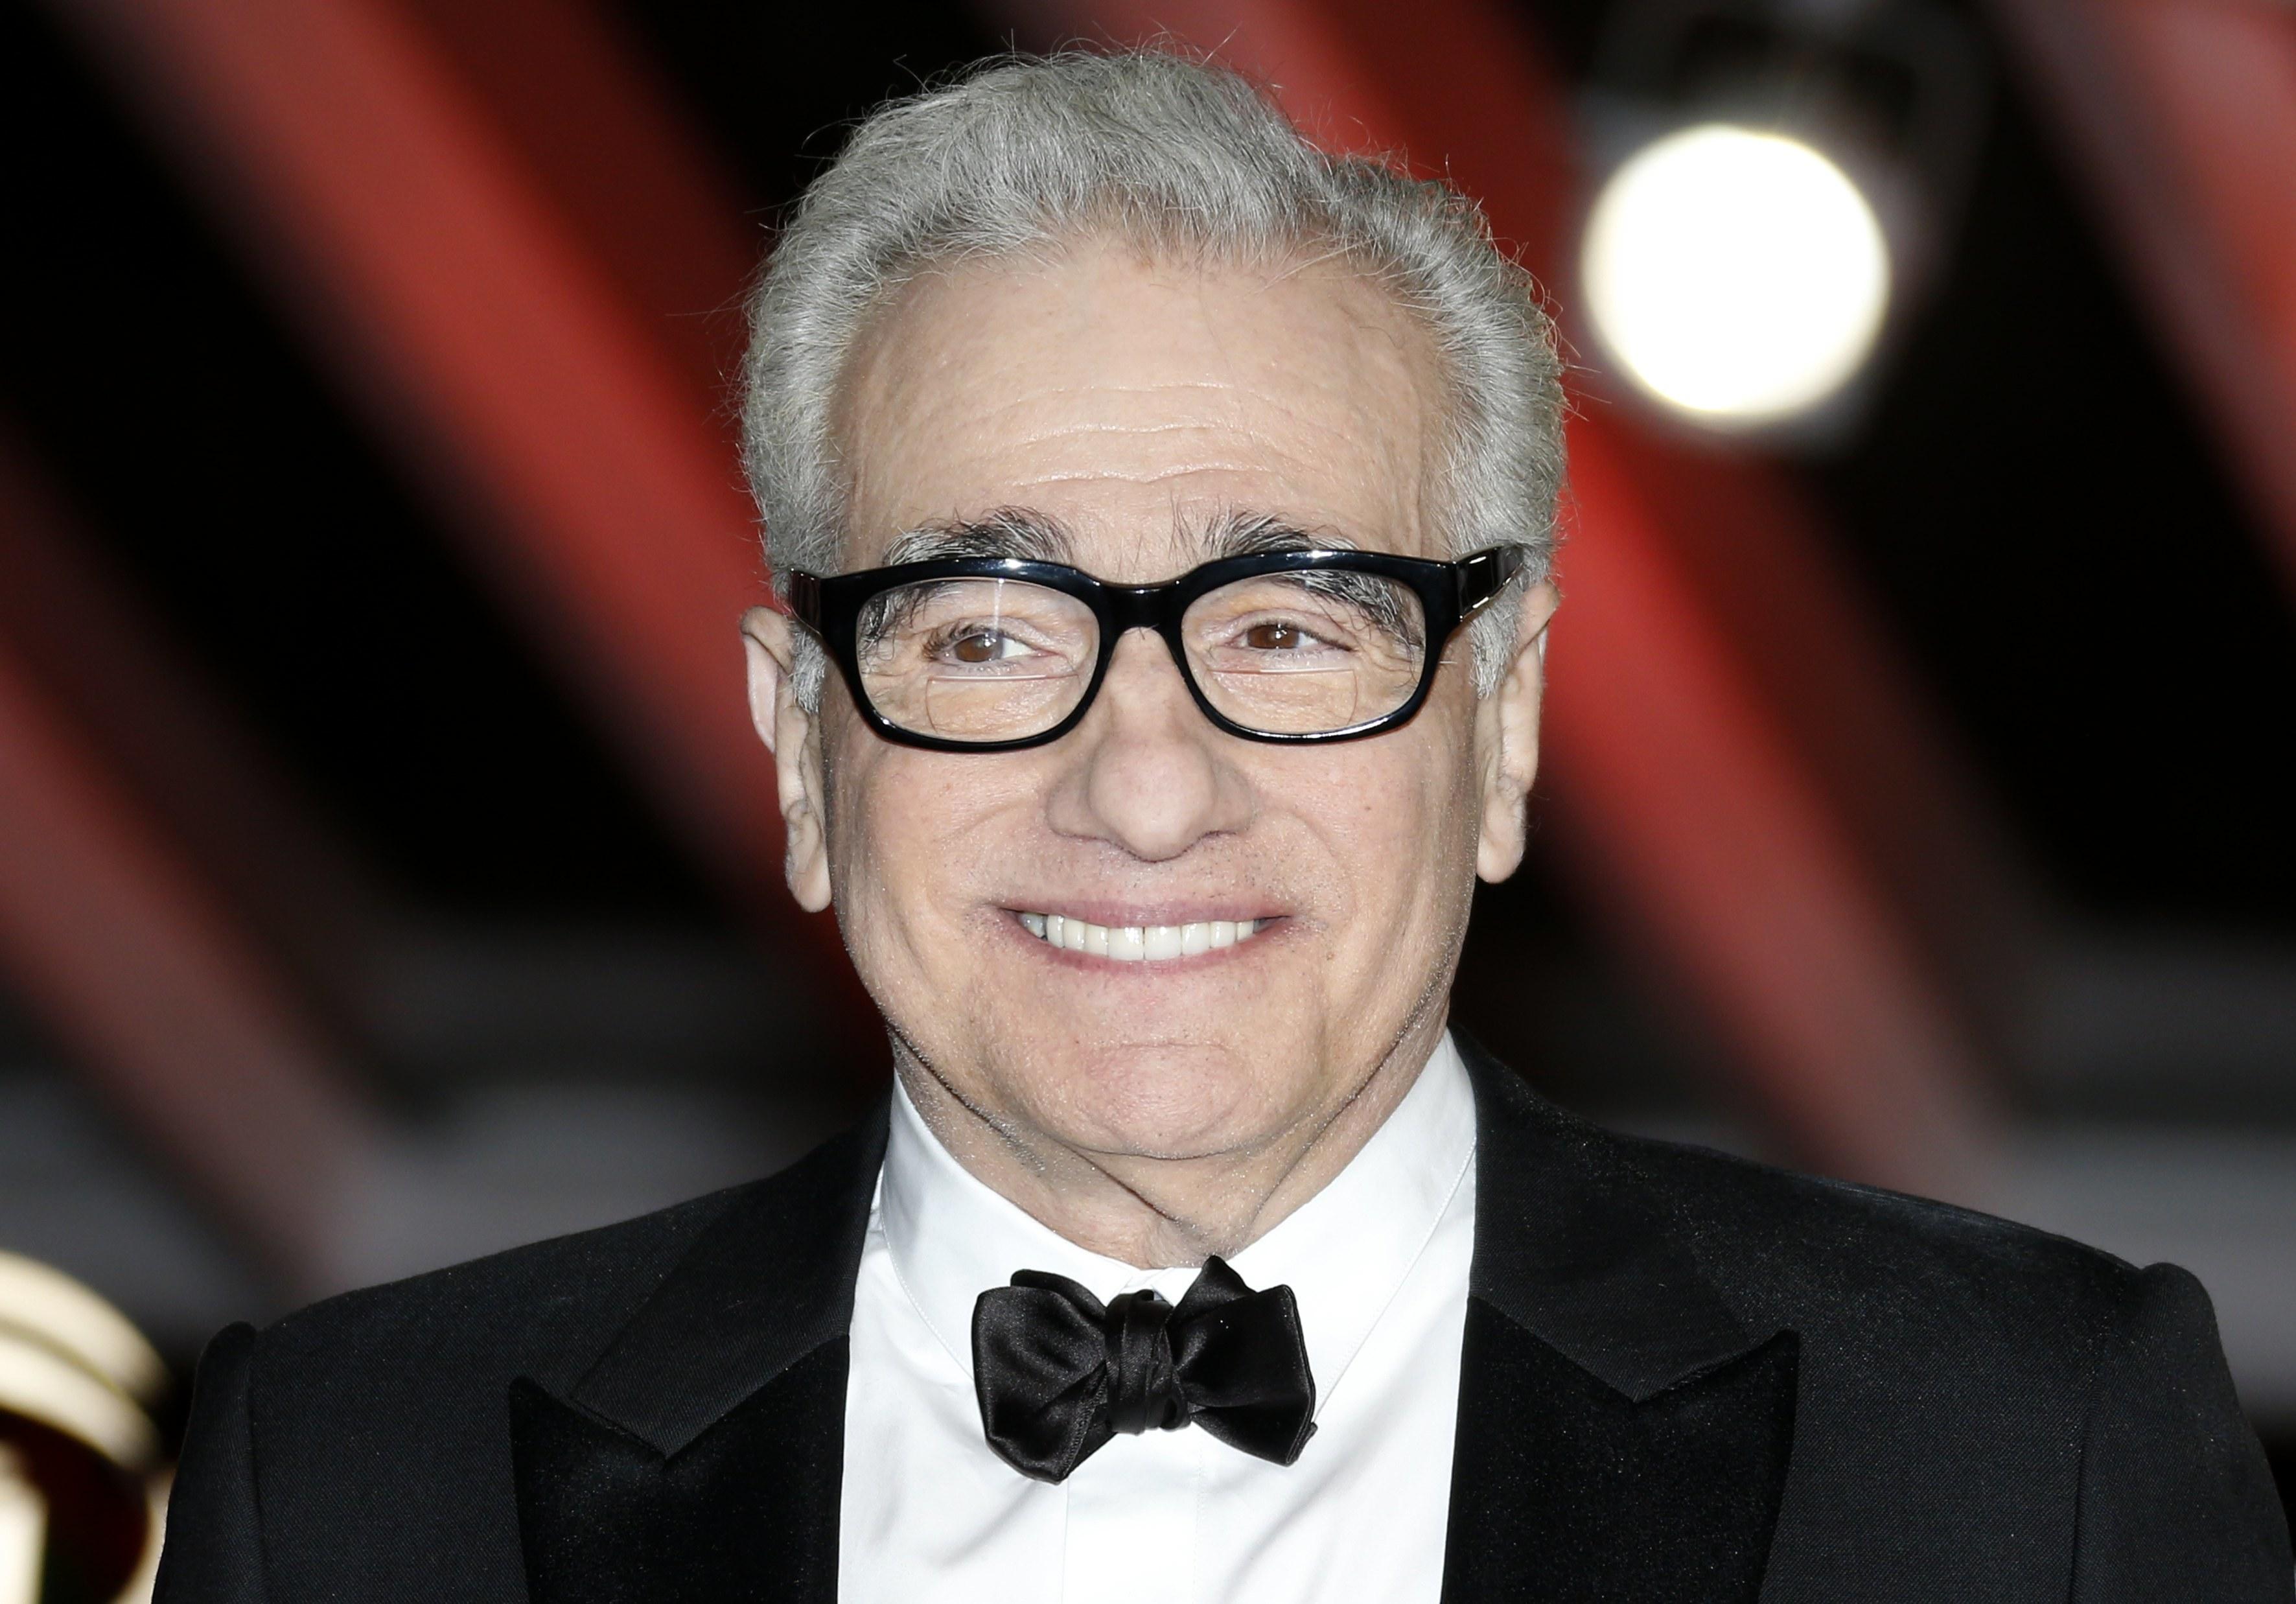 Cineasta Martin Scorsese distinguido com o Prémio Princesa das Astúrias de Arte